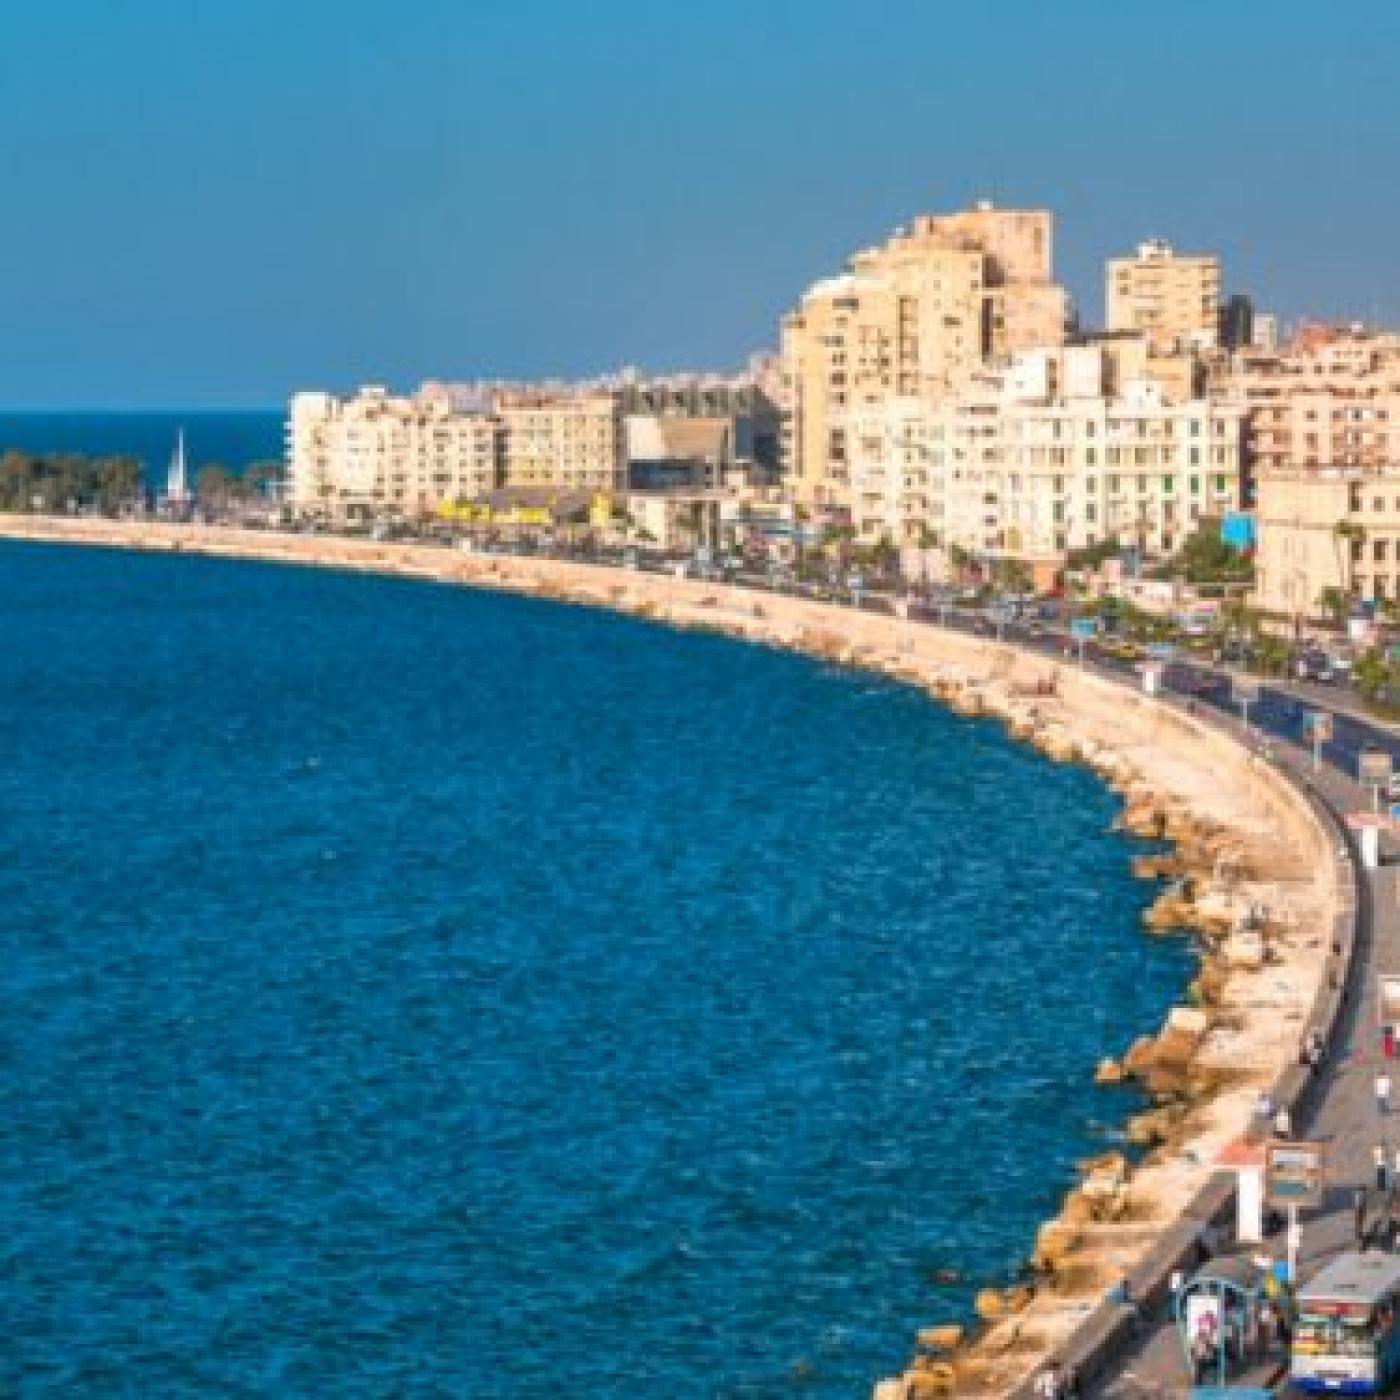 Claire à Alexandrie (Egypte) : une famille de 7 expatriés - 10 11 2020